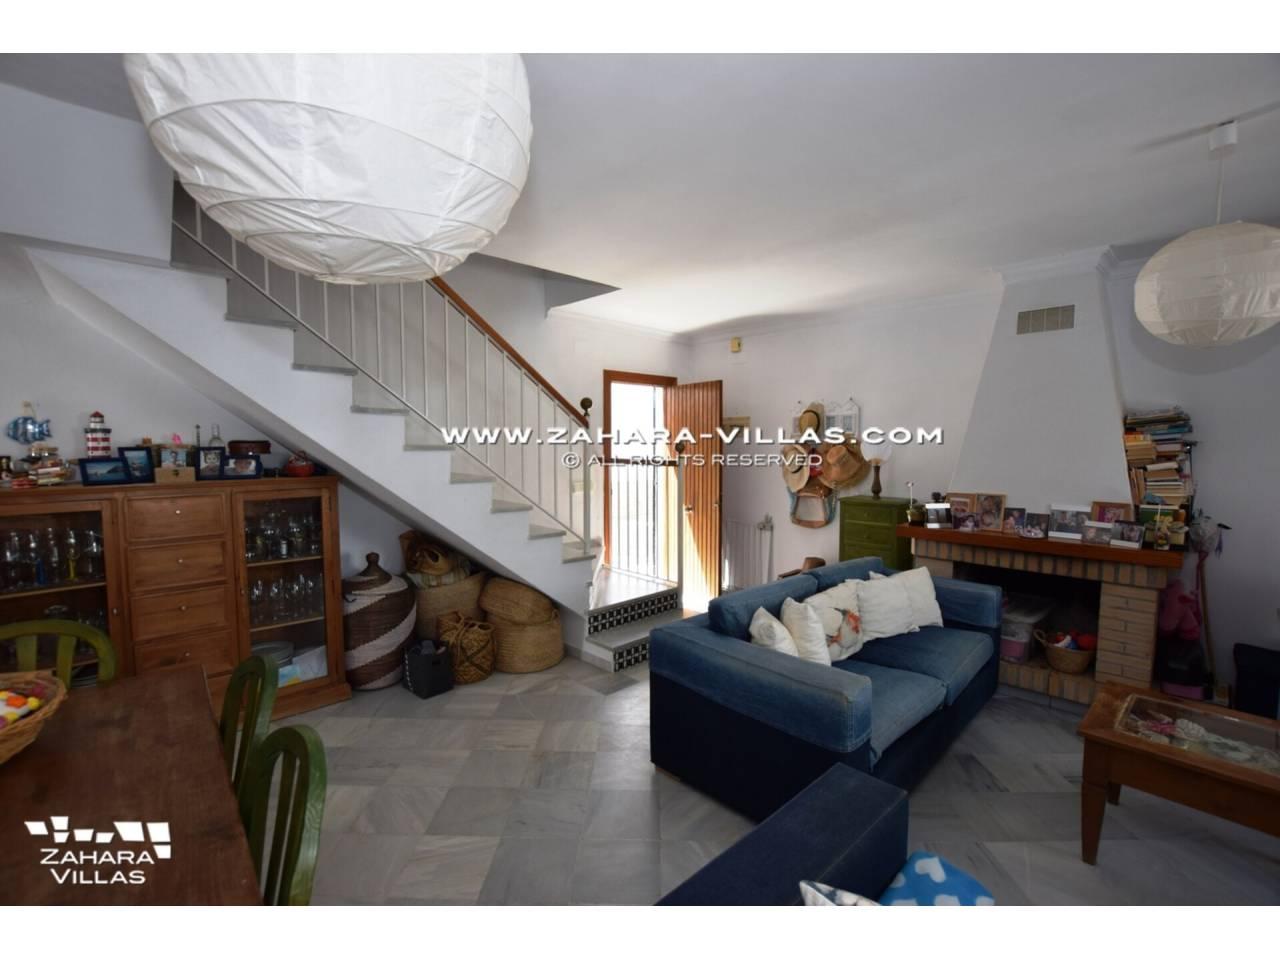 Imagen 12 de Casa en venta en segunda línea de playa, con vistas al mar en Zahara de los Atunes